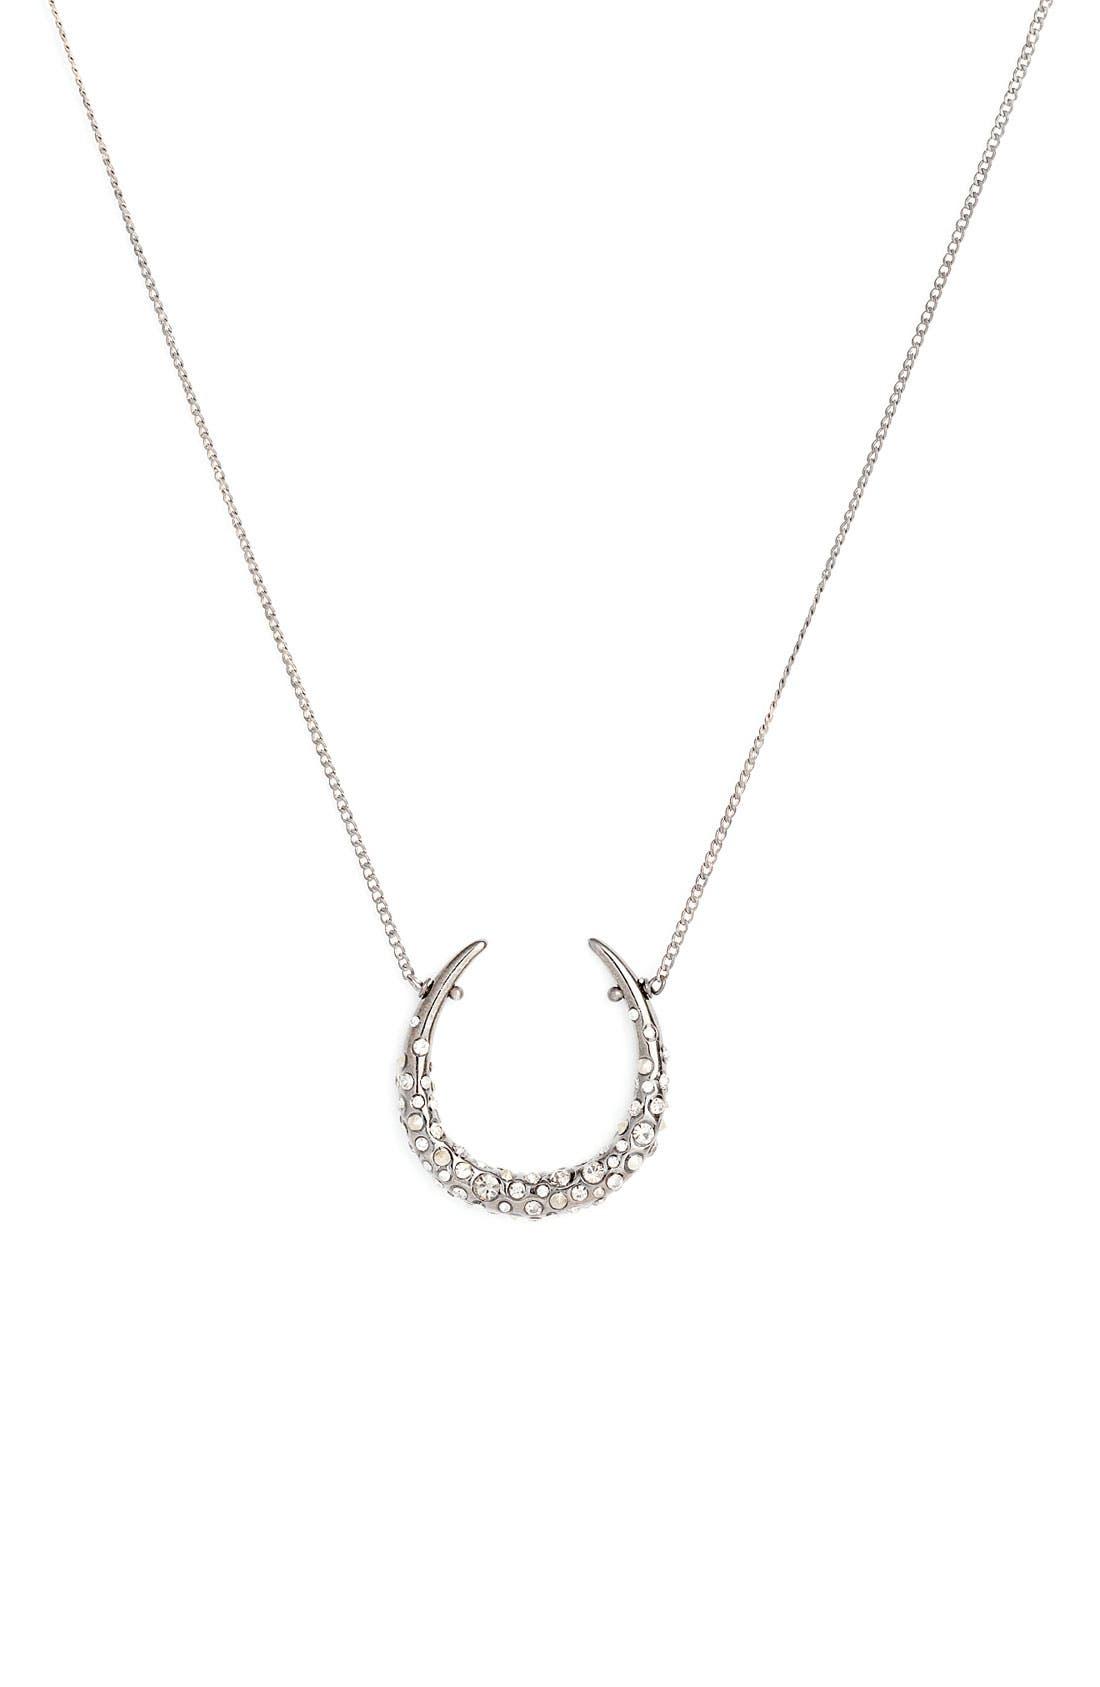 Main Image - Alexis Bittar 'Miss Havisham' Encrusted Horseshoe Necklace